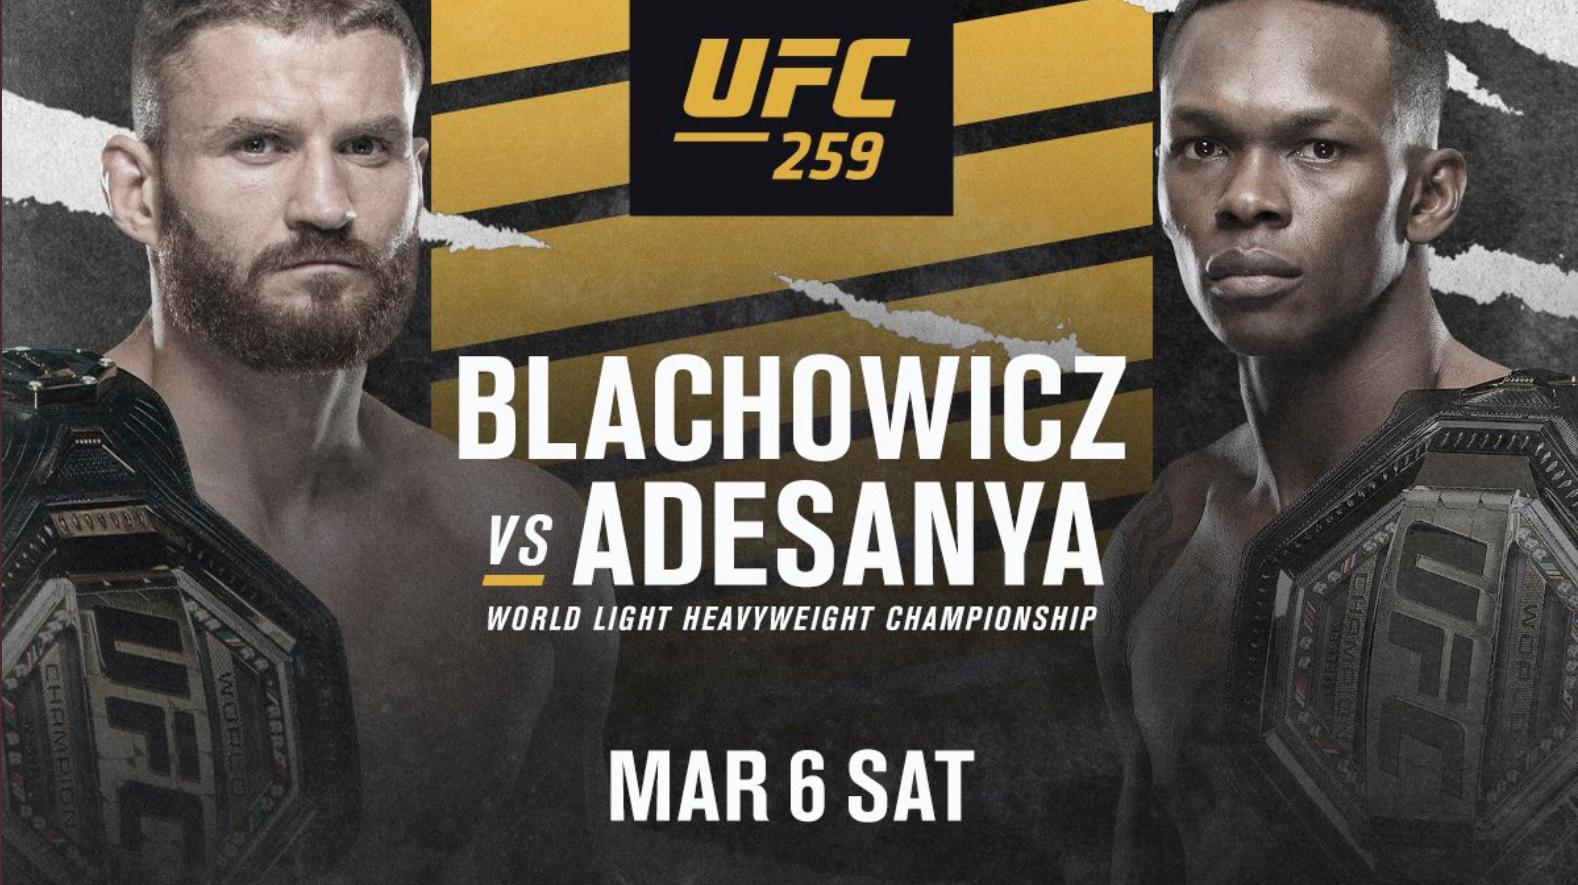 UFC 259 얀 블라코비치 VS 이스라엘 아데산야 프로 선수들의 승자 예상 - 0:11